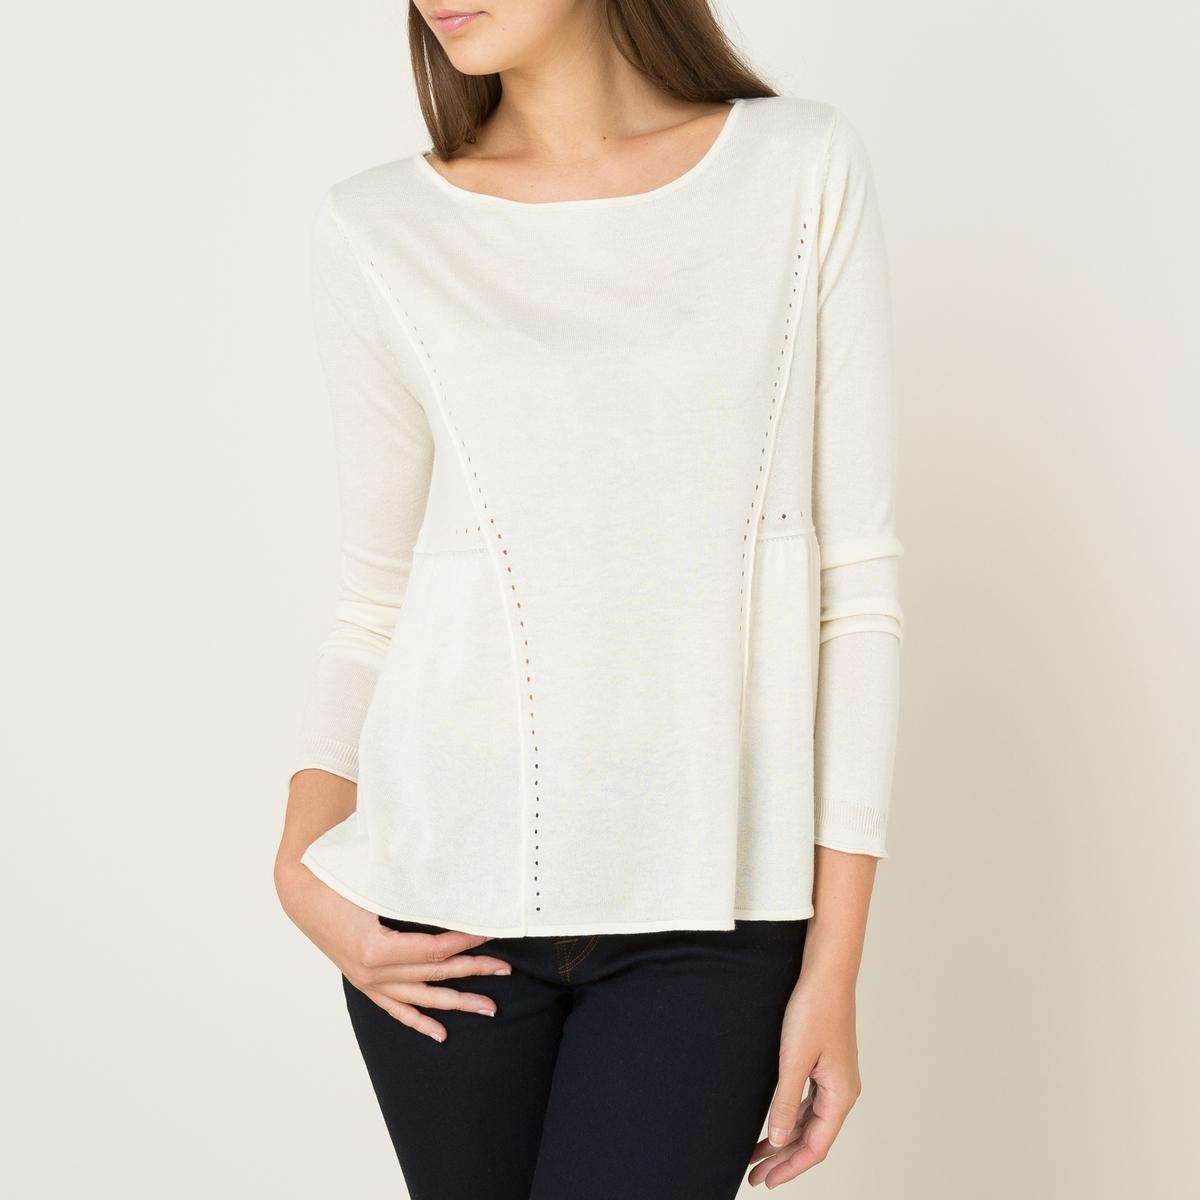 Пуловер из шерсти и шелка YEARСостав и описание    Материал : 70% шелка, 30% кашемира   Марка : BA&amp;SH<br><br>Цвет: экрю